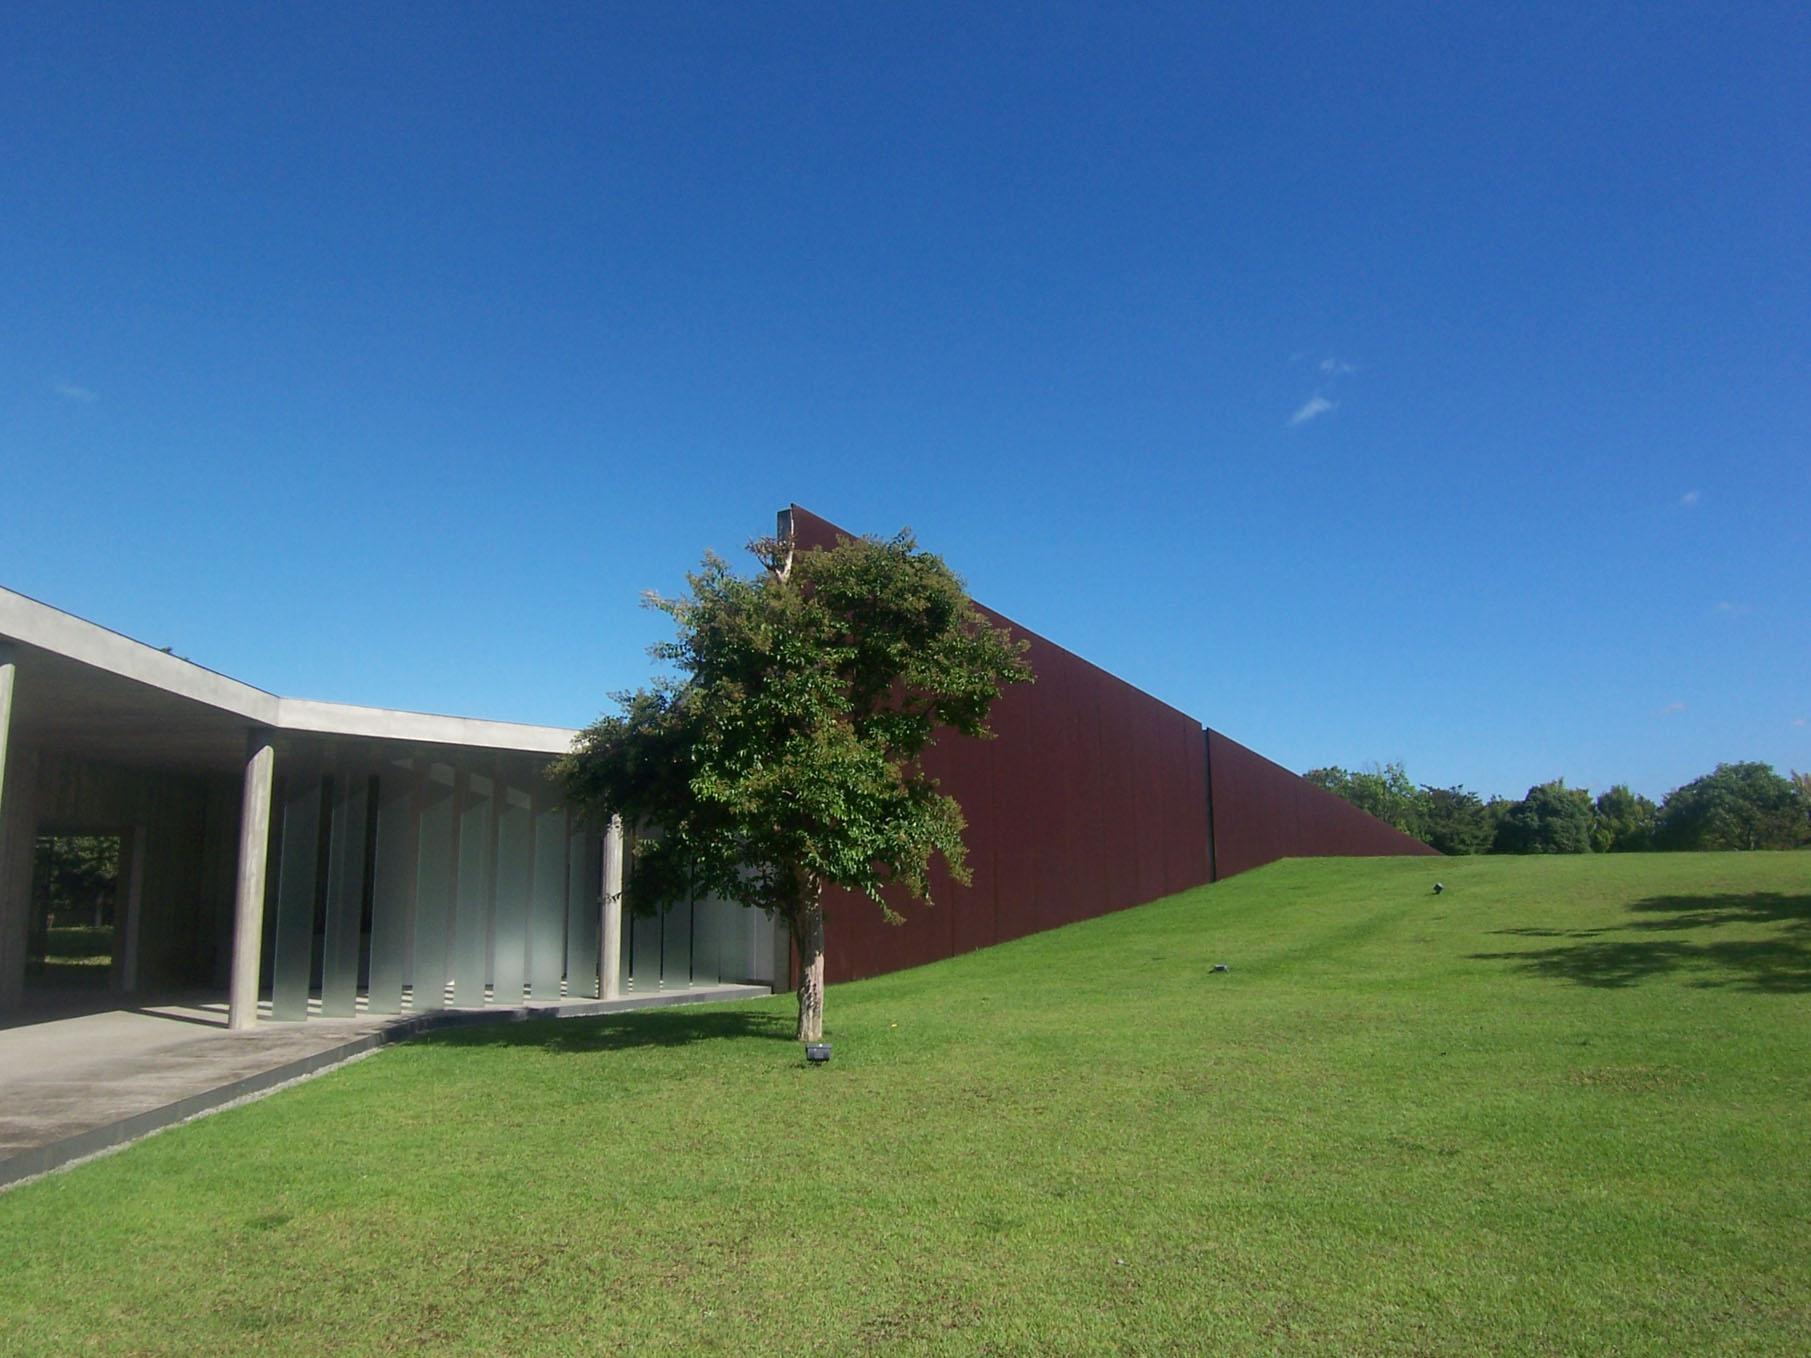 風の丘葬祭場 : Simple+Discovery Dital